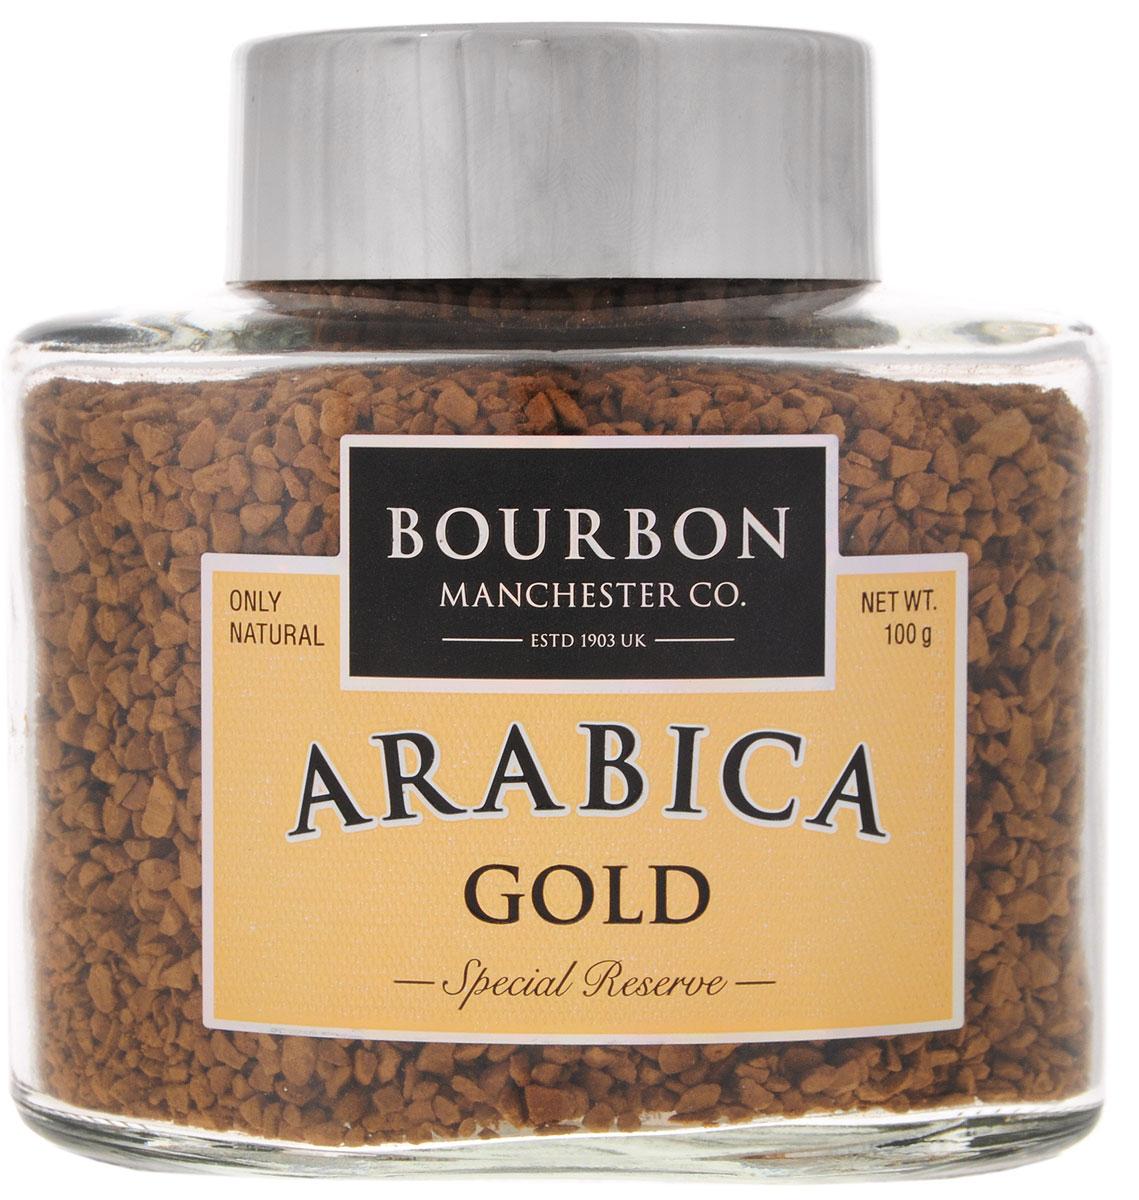 Bourbon Arabica Gold кофе растворимый, 100 г112182Bourbon Arabica Gold - это купаж отборных сортов арабики, выросшей на высокогорных плантациях. Благодаря кенийской арабике имеет деликатный сливочный вкус, кофейные зерна из Колумбии делают его приятно пряным, а арабика из Бразилии наделяет купаж великолепным ароматом.